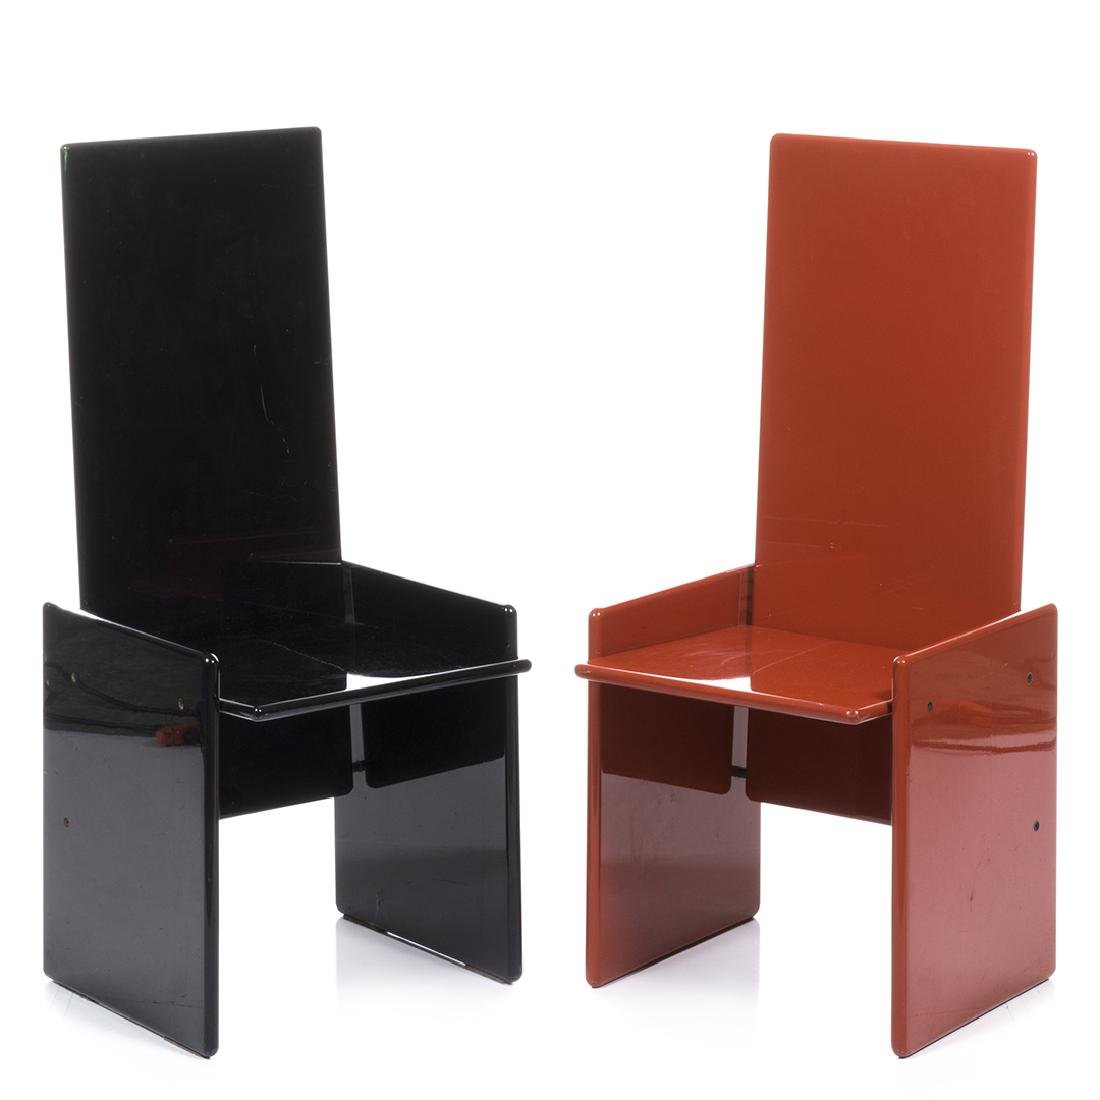 Kazuhide Takahama Kazuki Chairs (2)